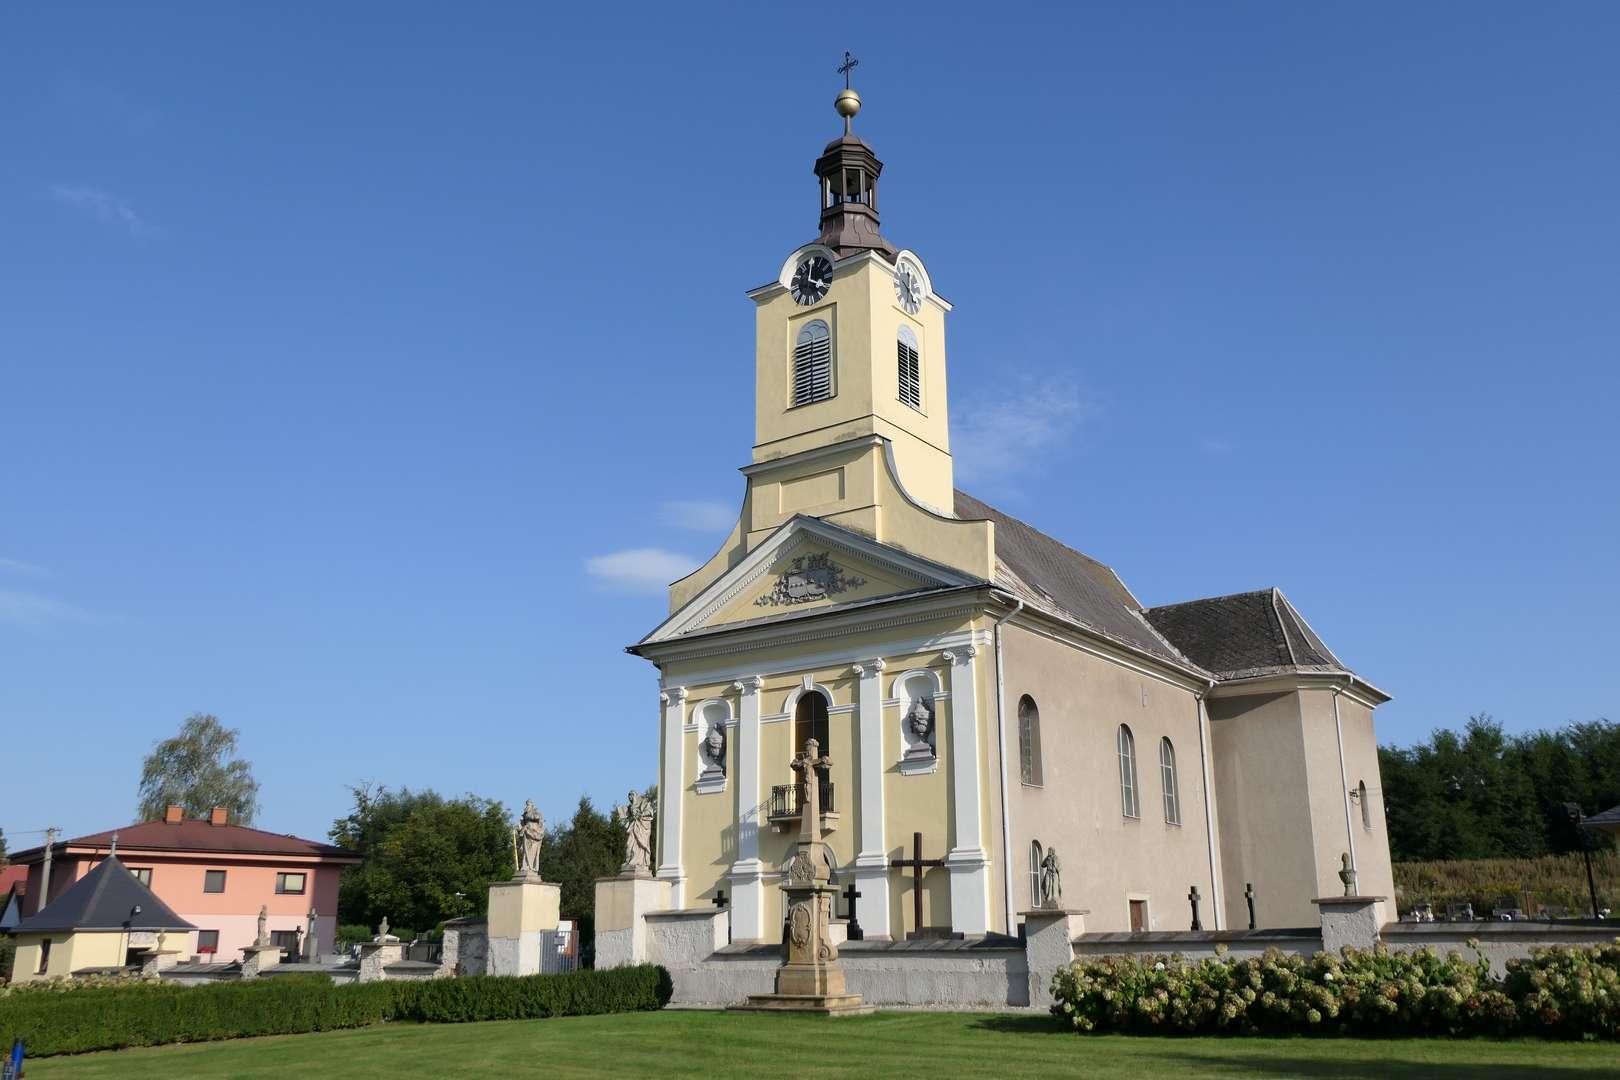 Kościół w Ropicy szczególnie pięknie prezentuje się w popołudniowym słońcu.